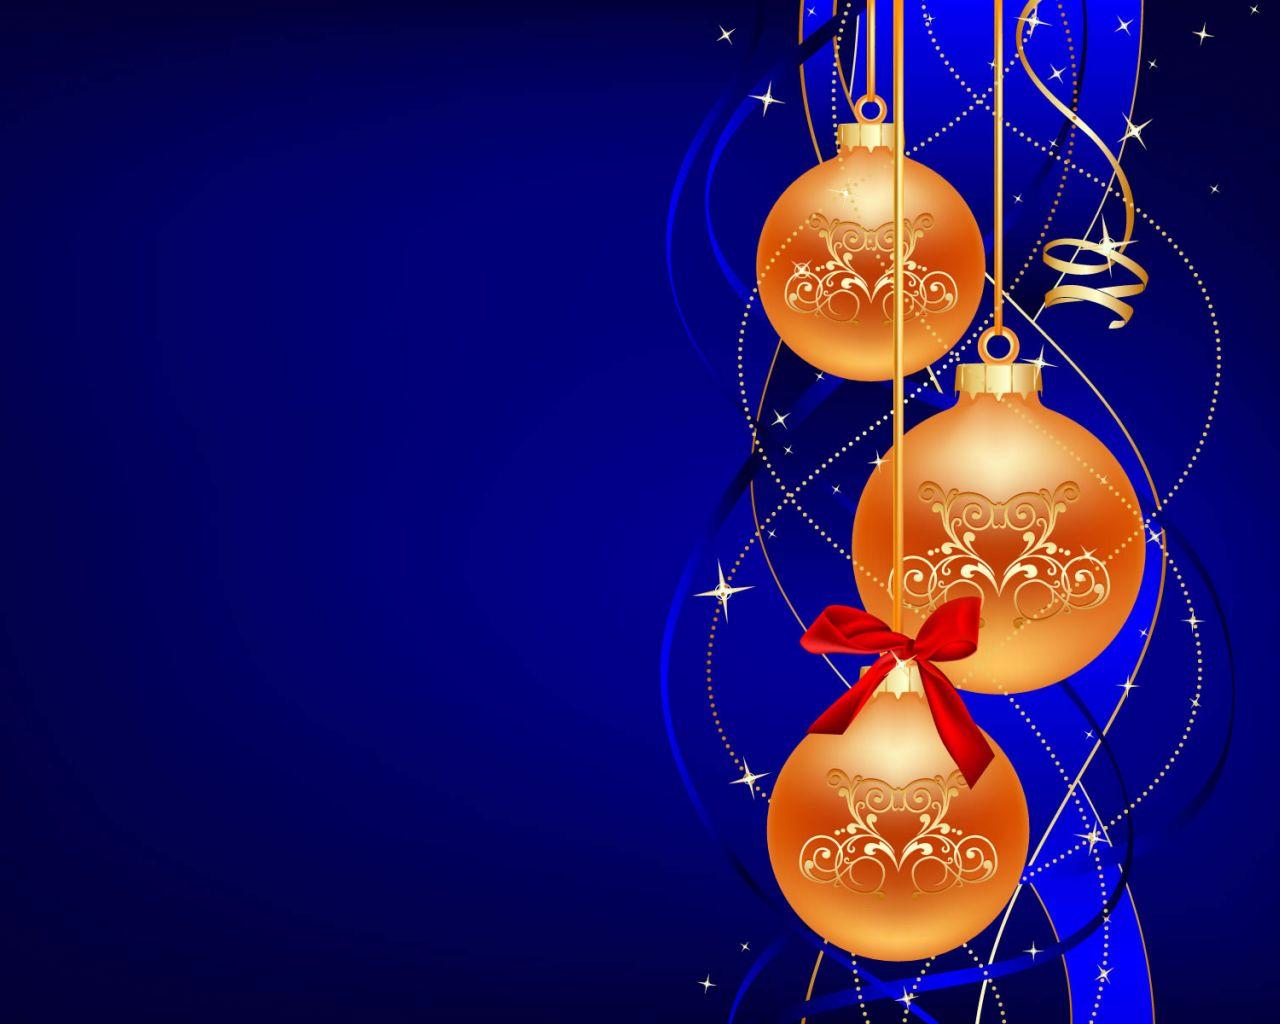 bolas naranjas navideas con fondo azul